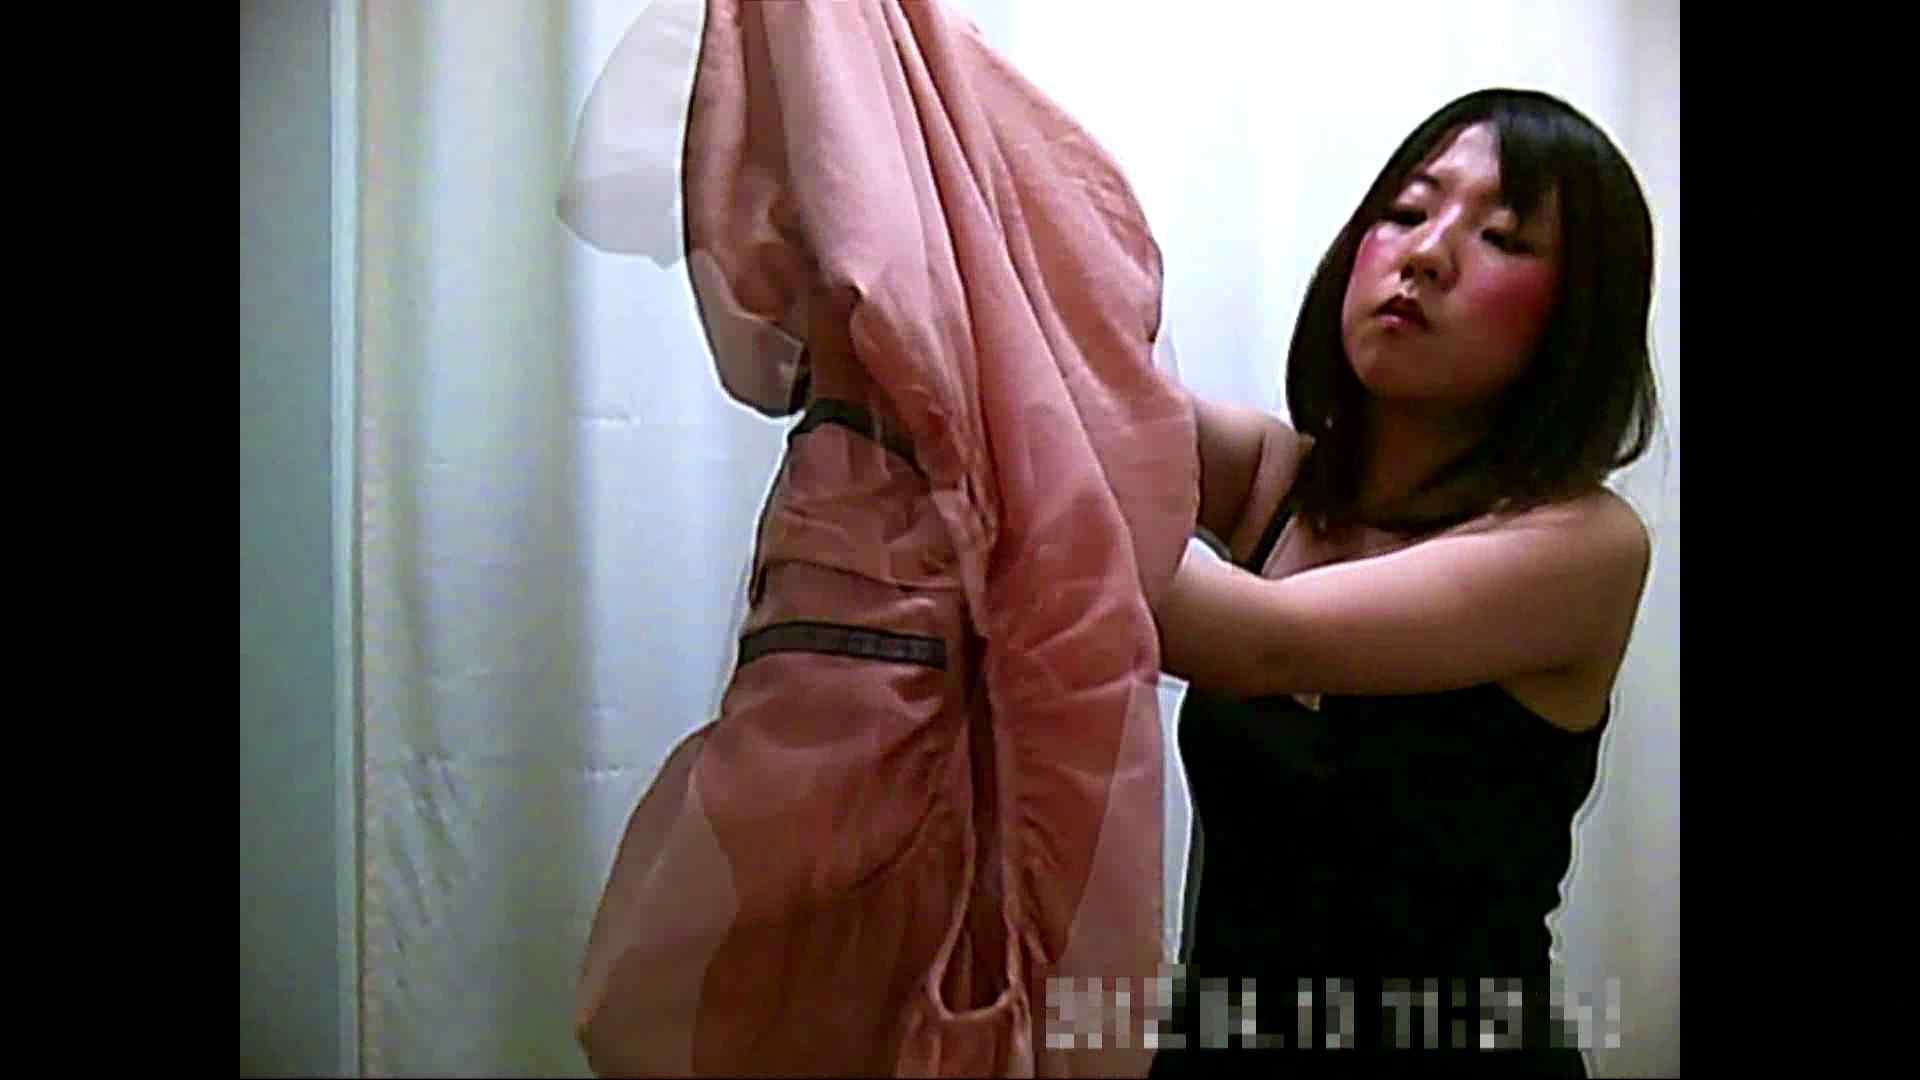 元医者による反抗 更衣室地獄絵巻 vol.018 OL | 0  60連発 23